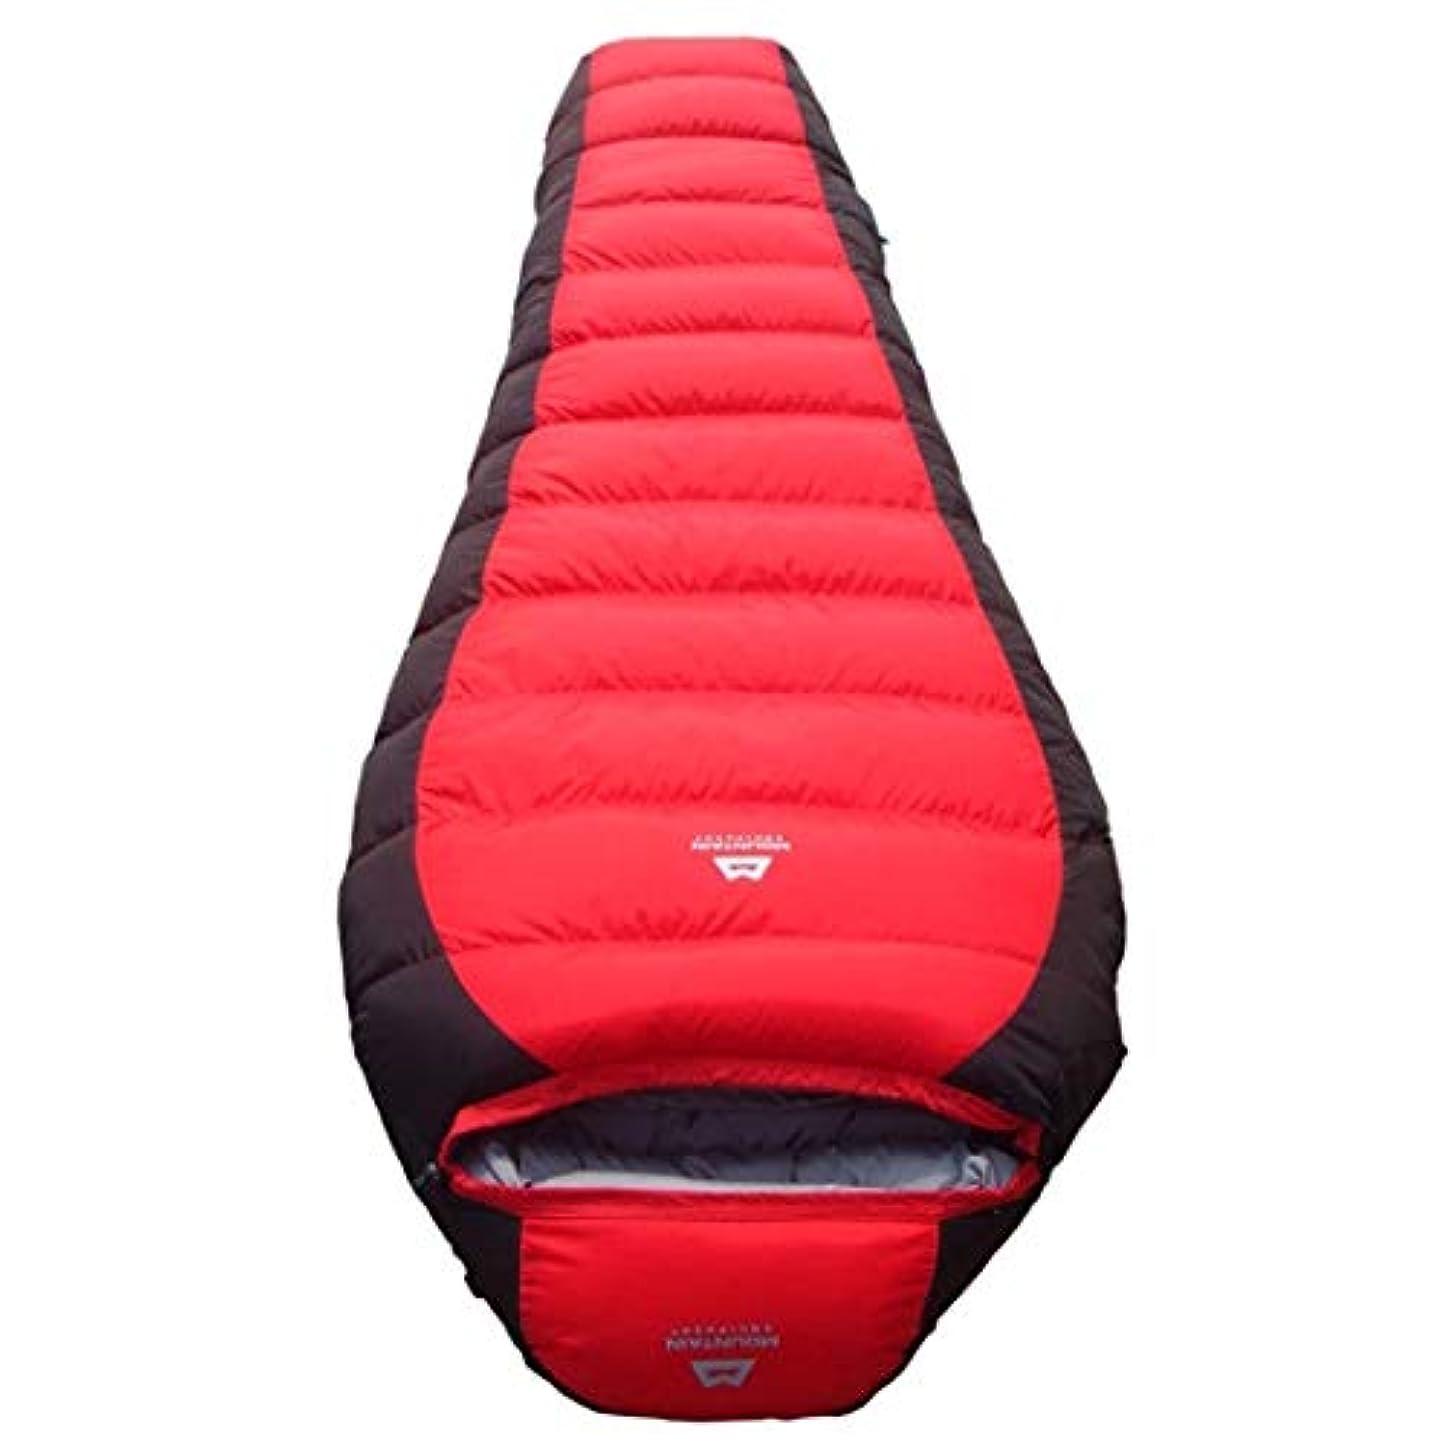 略語ファンタジーマンモスKoloeplf アウトドア寝袋-25度屋外暖かいミイラ寝袋冬の昼休みキャンプ旅行寝袋